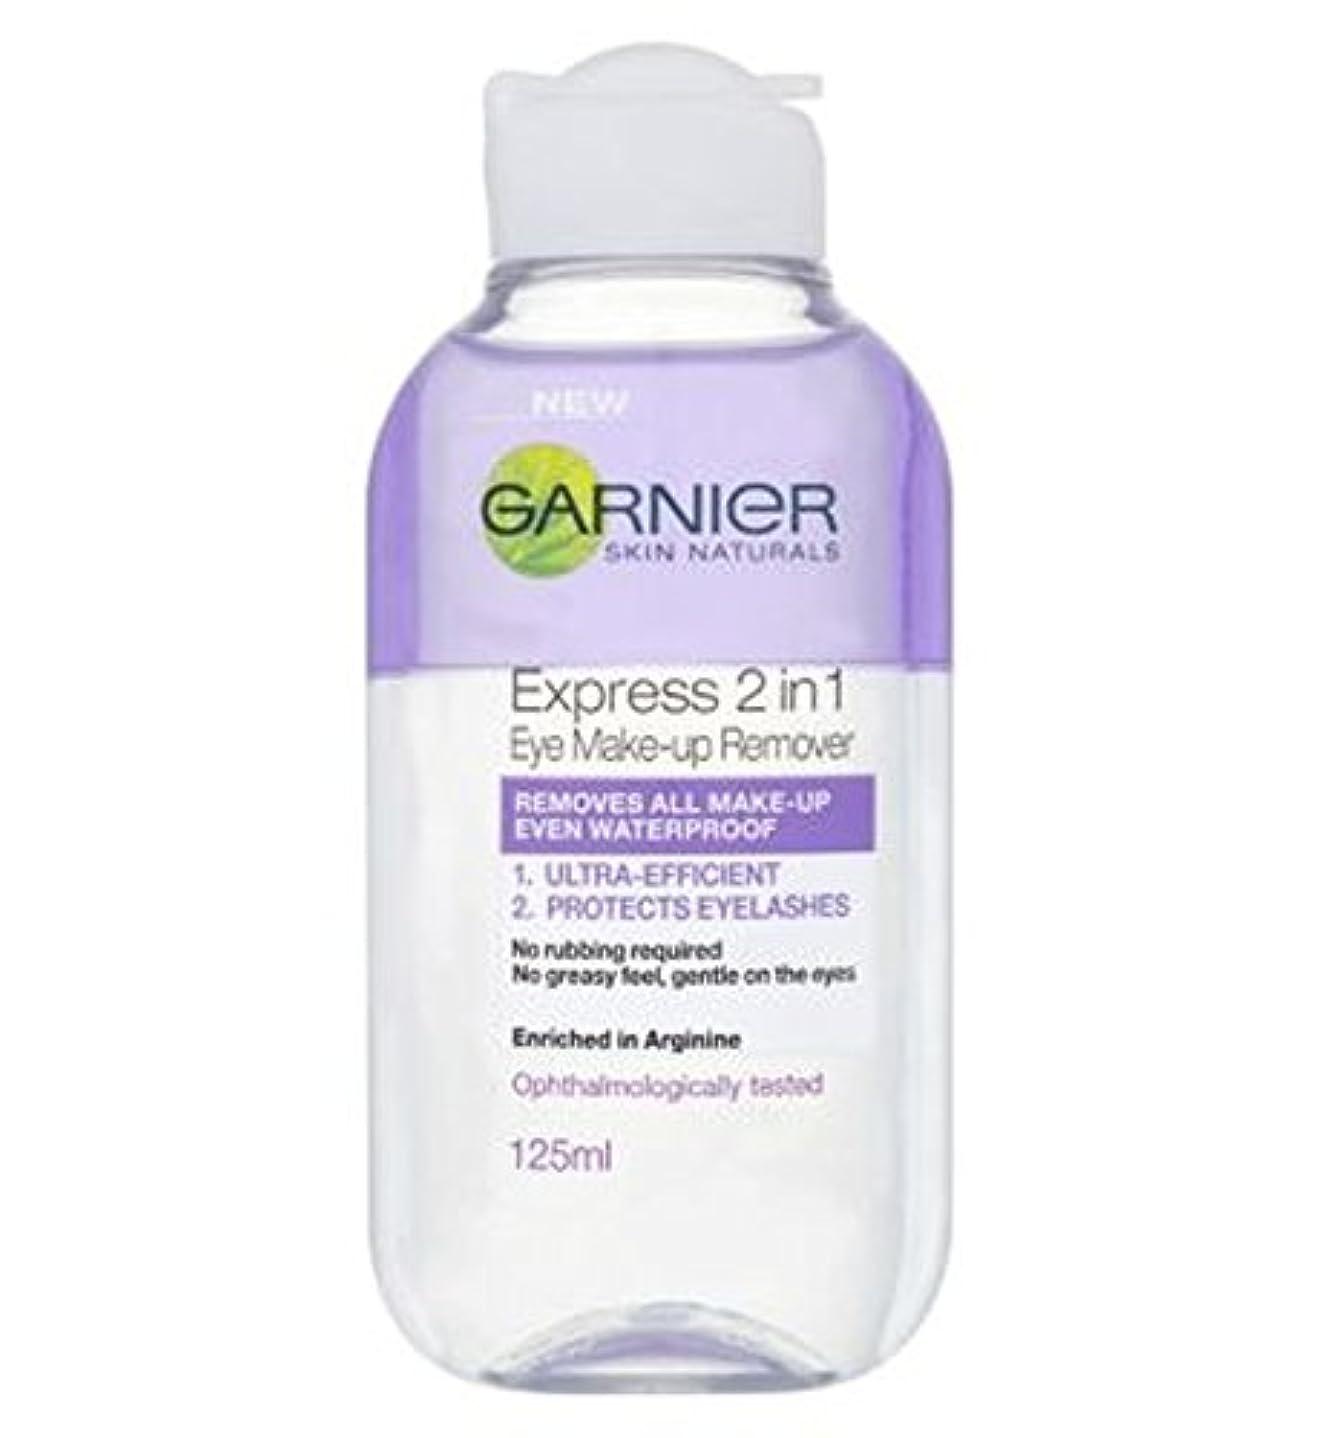 メイエラ誇張するボランティアGarnier Express 2in1 eye make up remover 125ml - ガルニエ急行の2In1の目は、リムーバー125ミリリットルを作ります (Garnier) [並行輸入品]